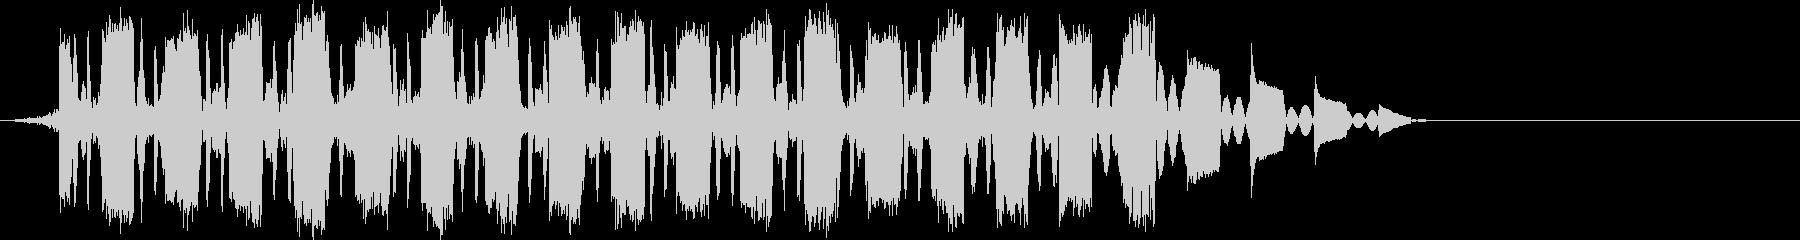 AMGアナログFX 37の未再生の波形